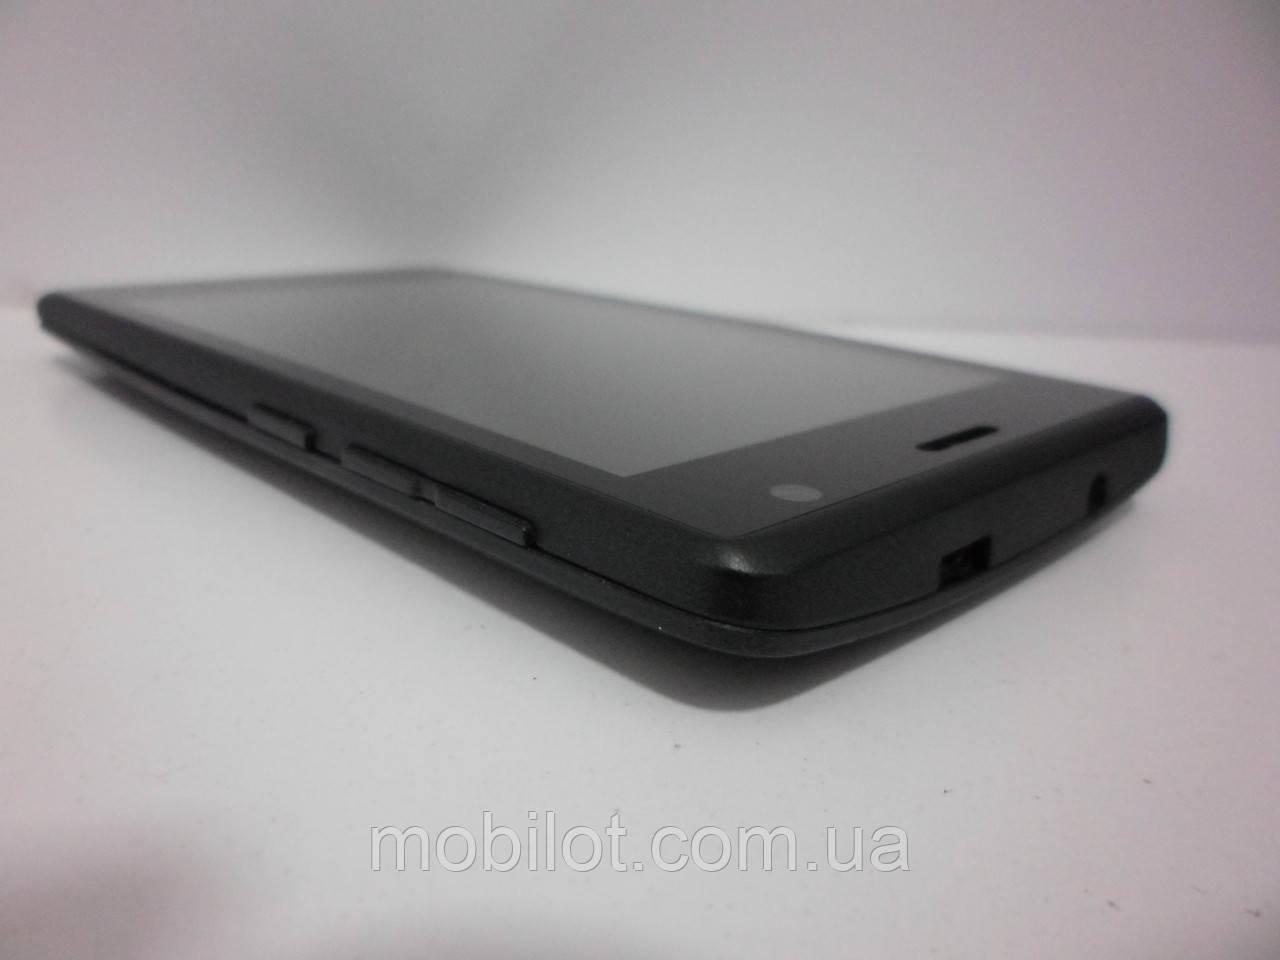 Мобильный телефон Prestigio Wize OK3 PSP3468 (TZ-7473) 3